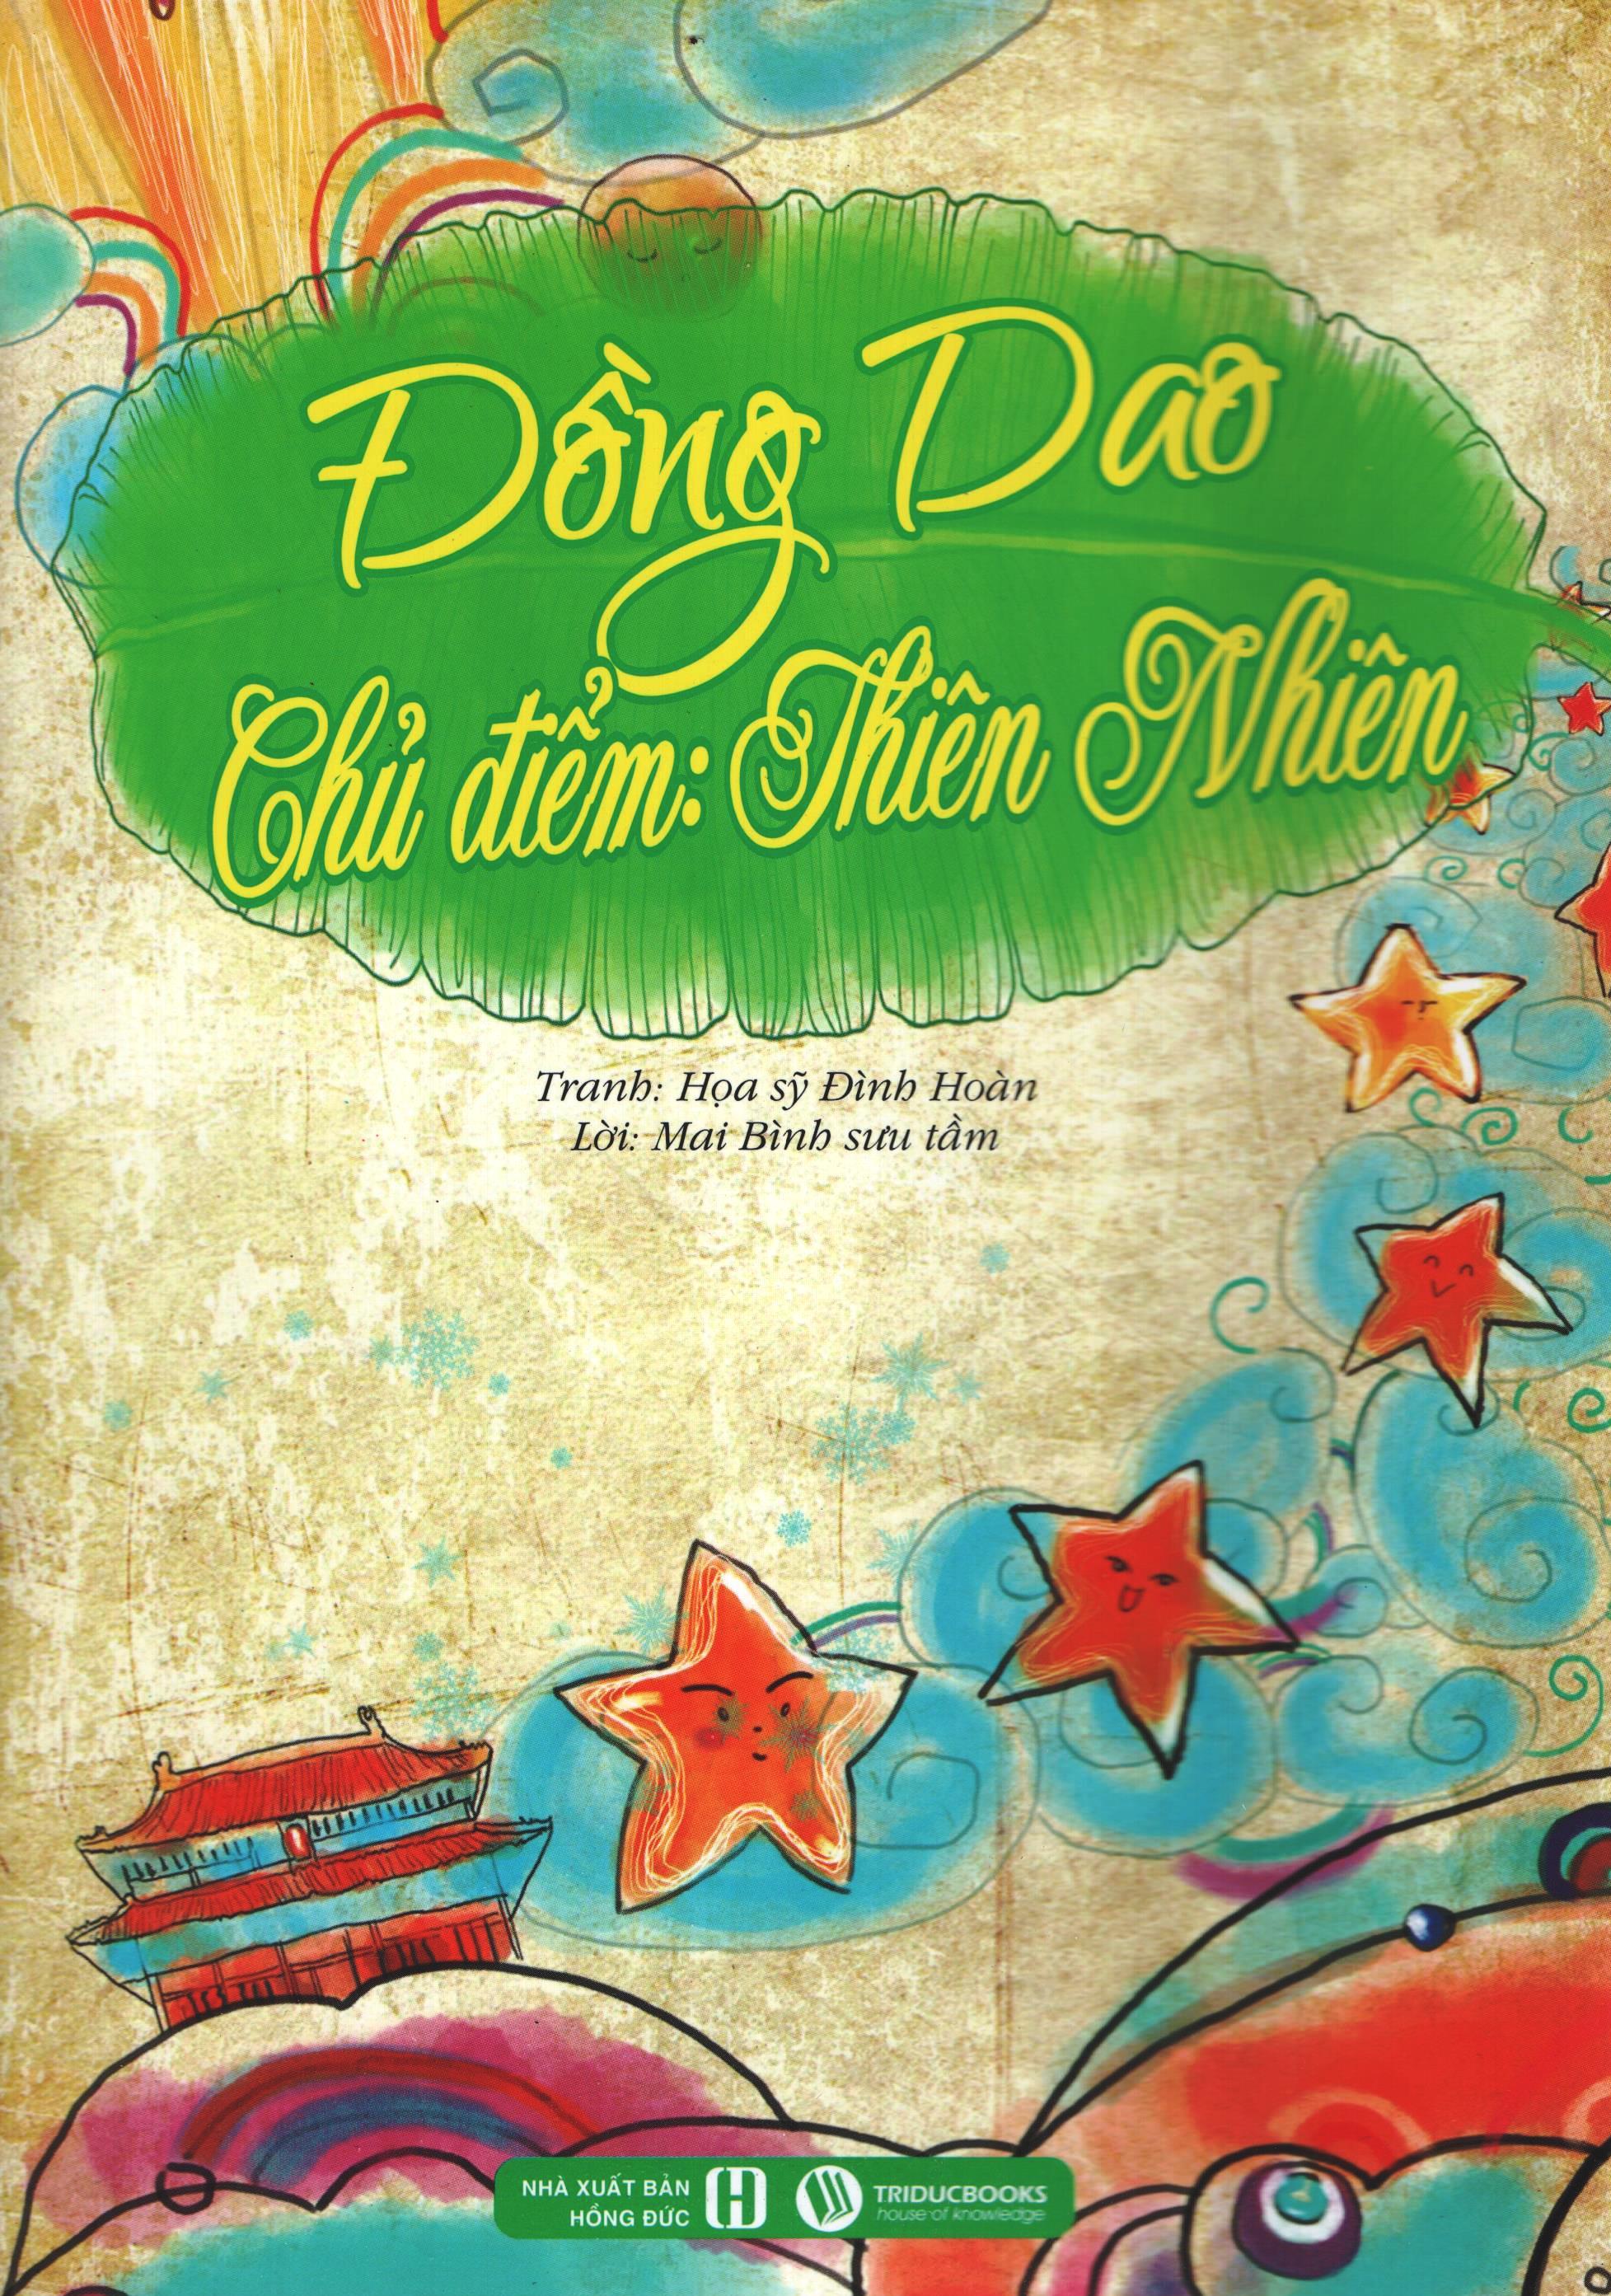 Review sách Đồng Dao – Thiên Nhiên